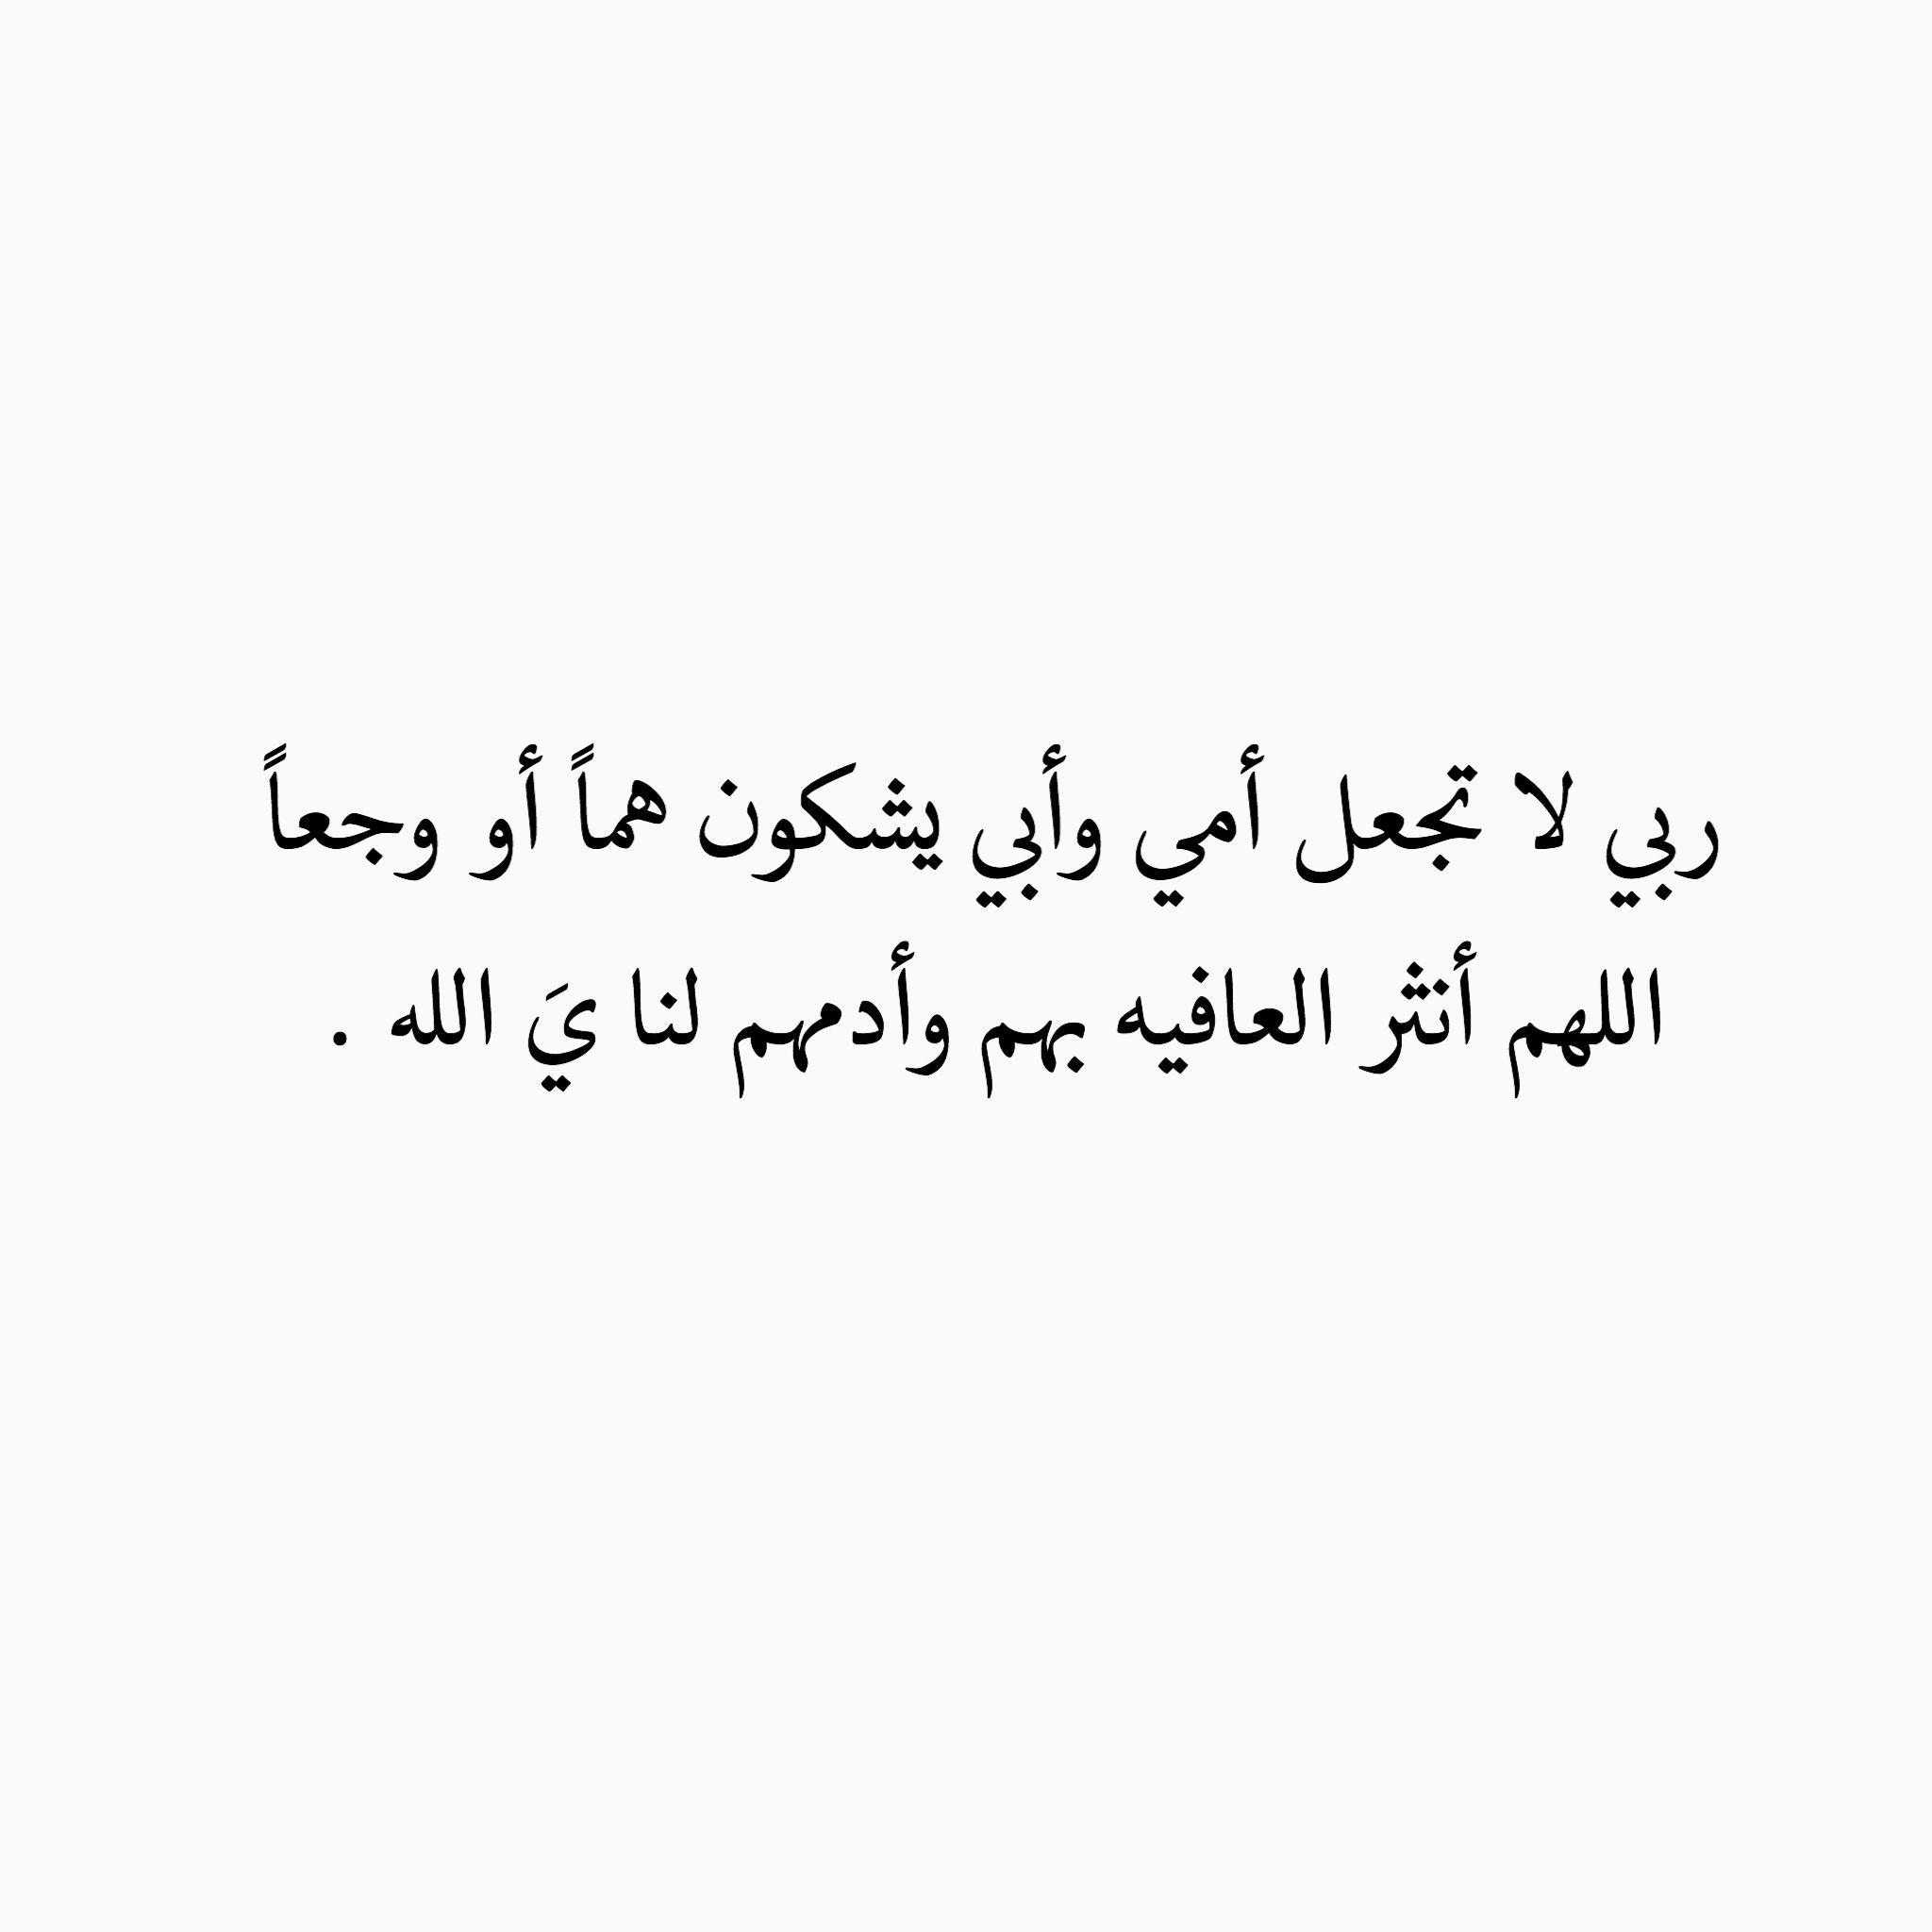 أمي أبي دعاء للوالدين Dad Quotes One Word Quotes Islamic Quotes